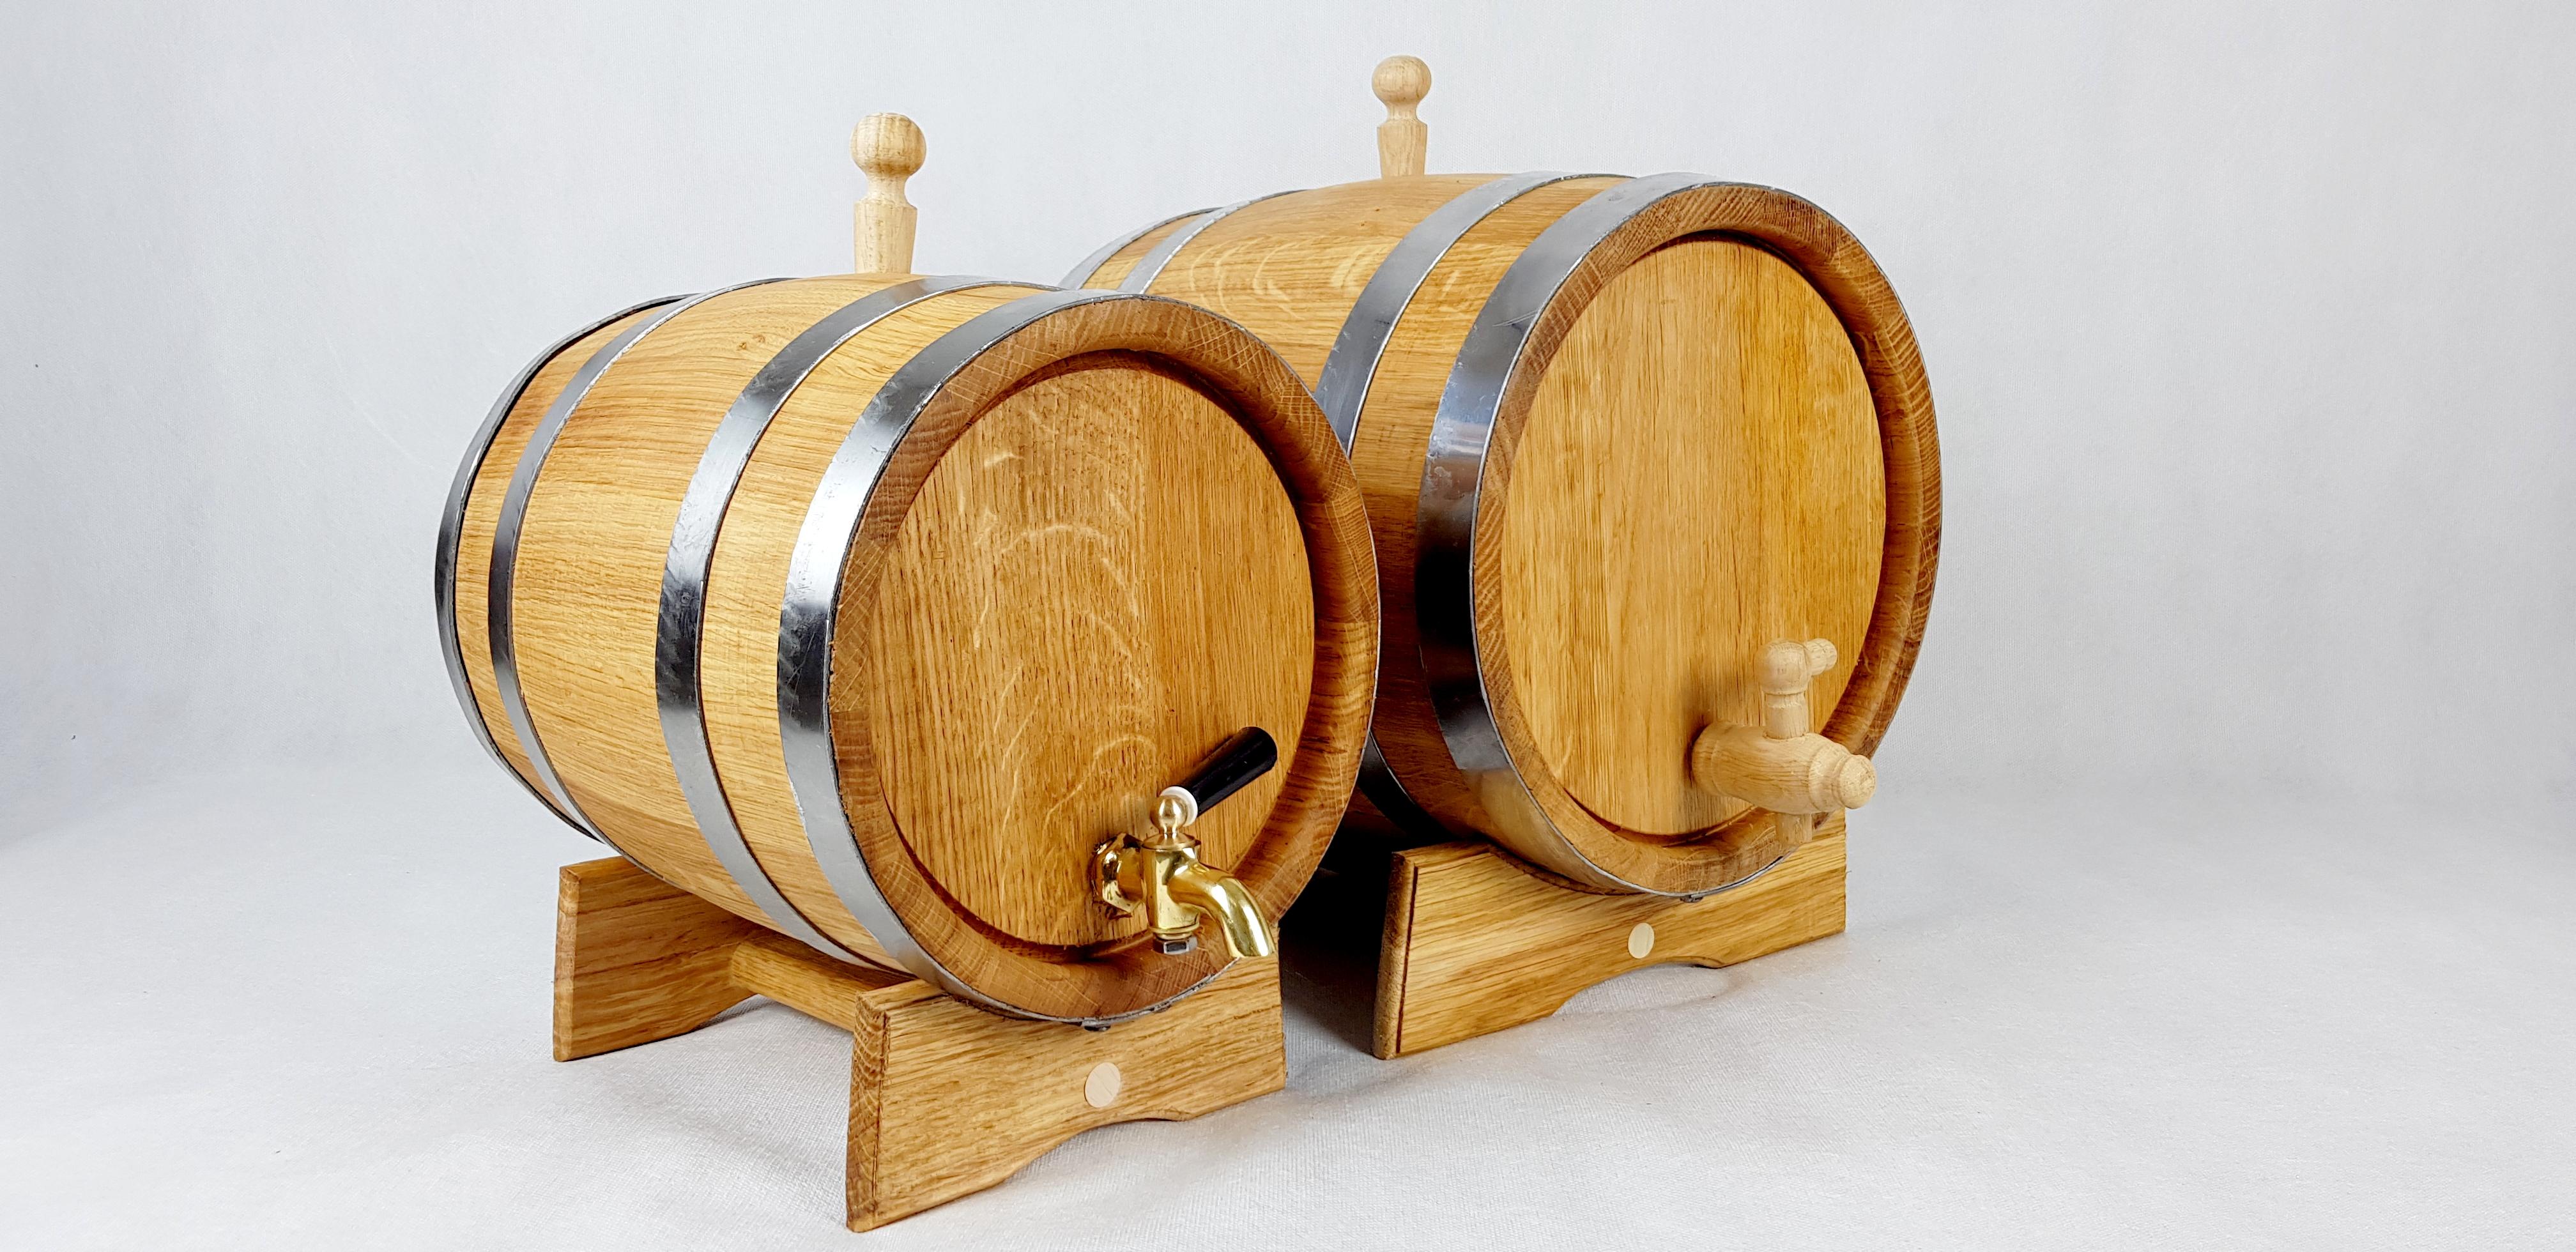 beczka dębowa rzeszów wiejski stół bimber